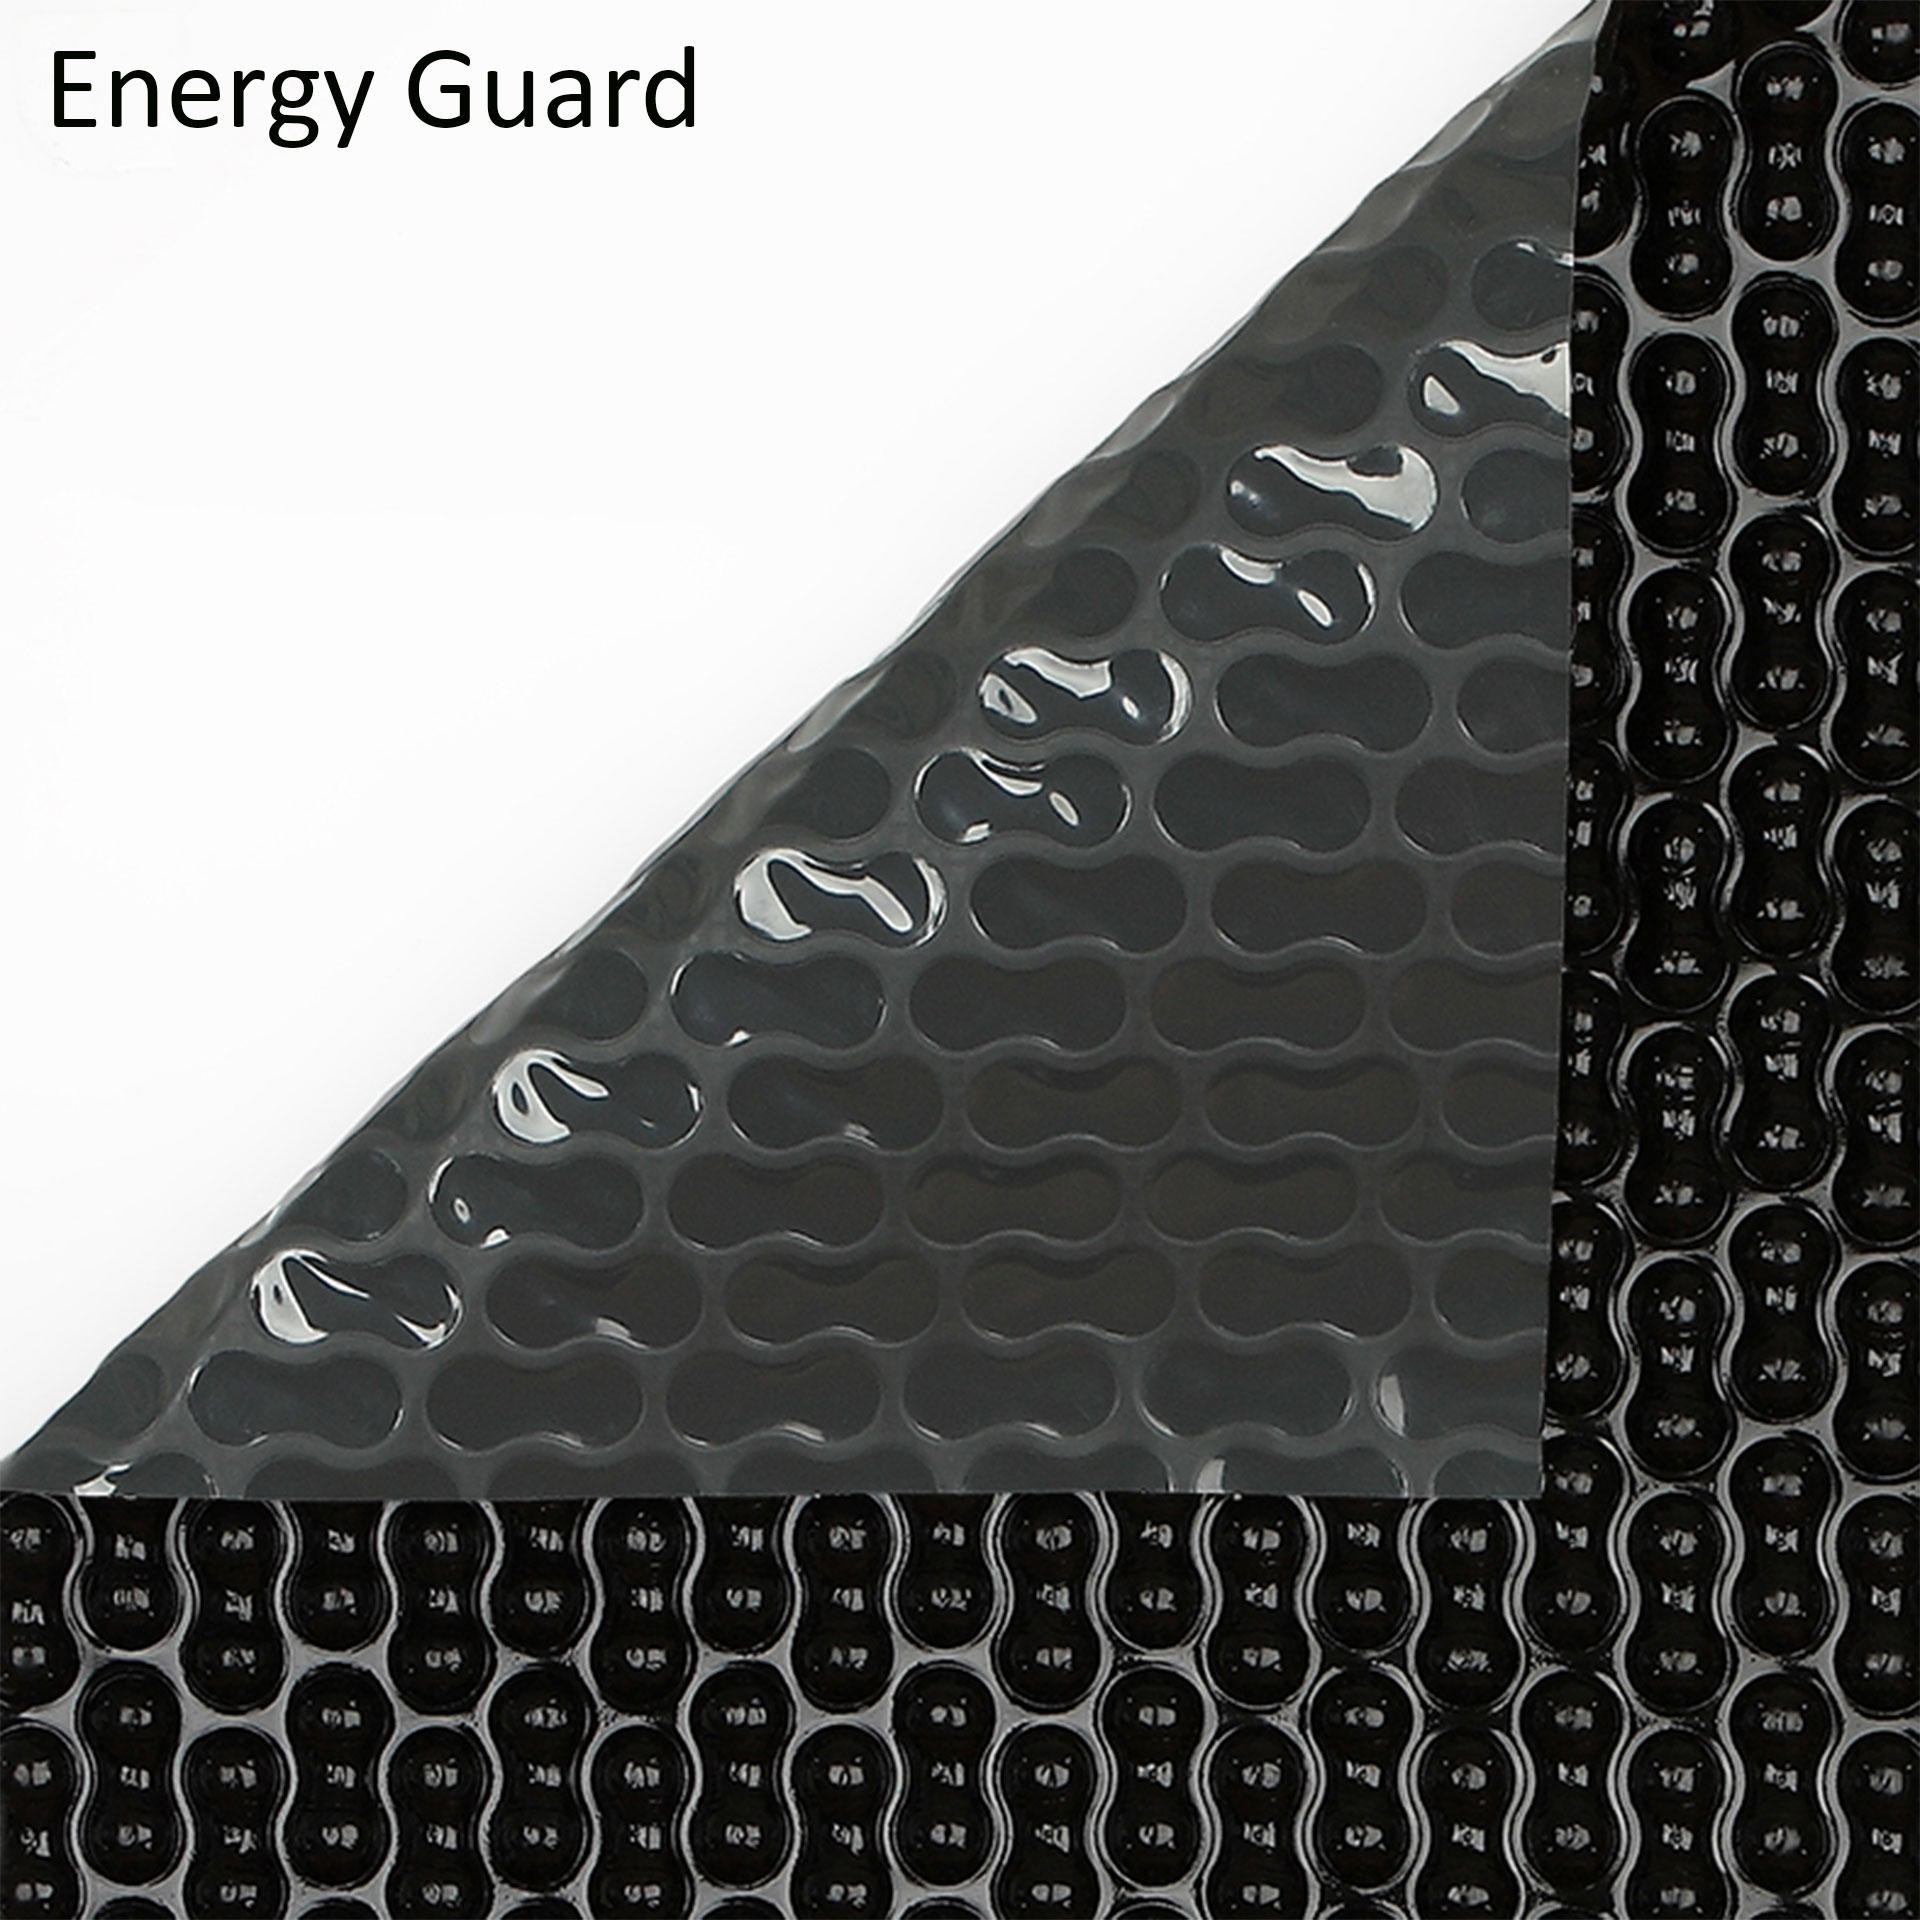 b che bulles geothermique sur mesure pour piscine aquapolis. Black Bedroom Furniture Sets. Home Design Ideas